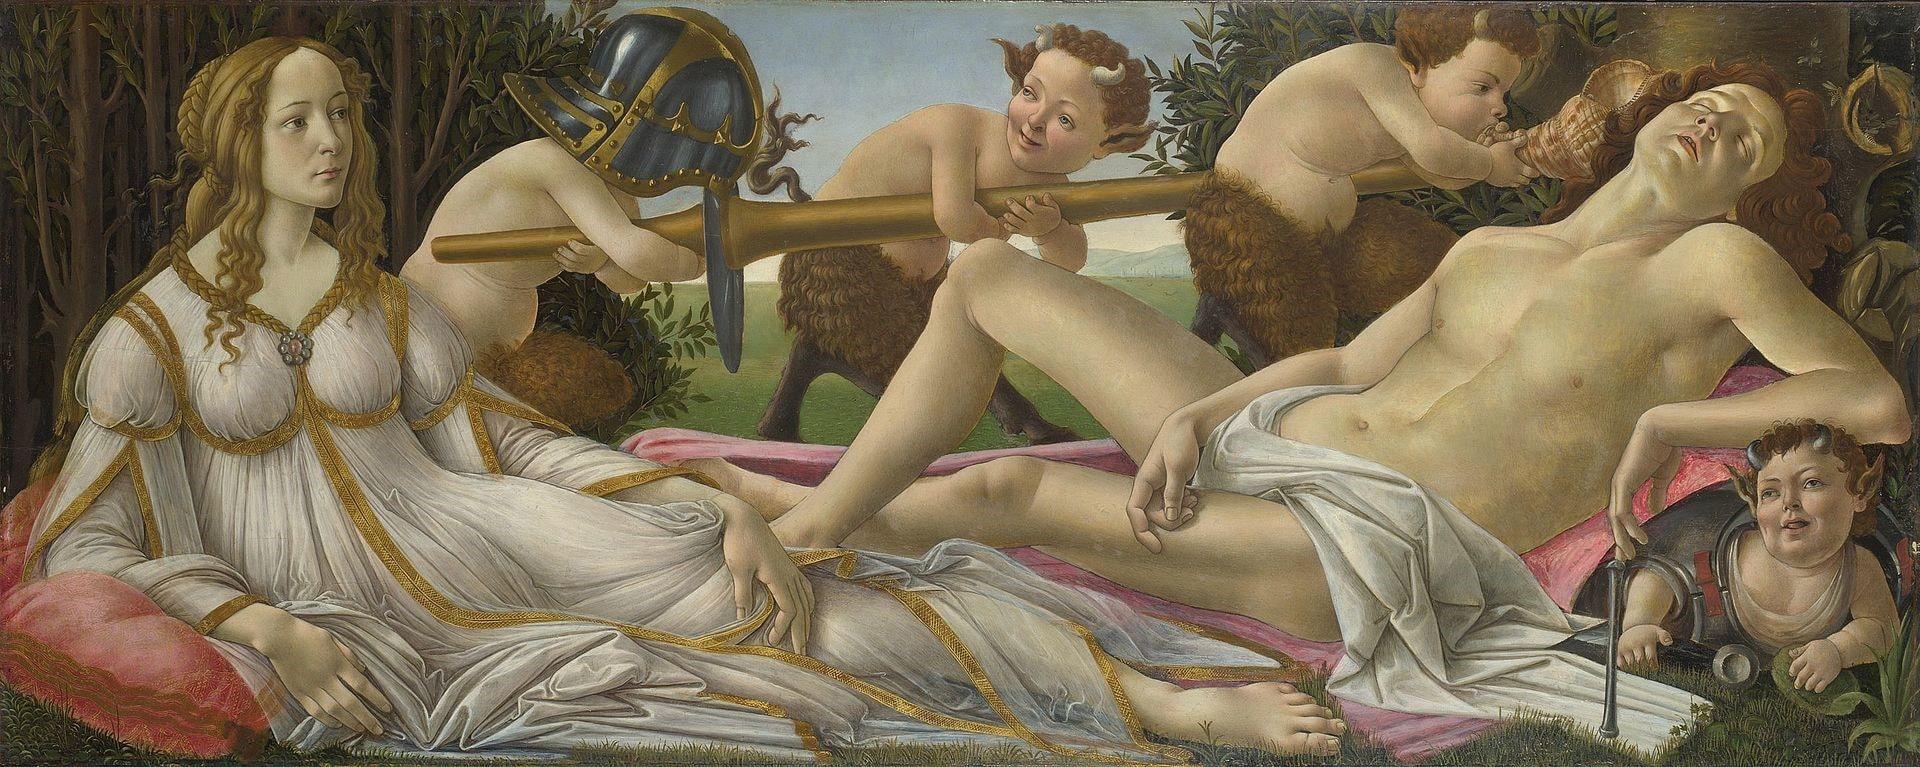 Vênus e Marte de Sandro Botticelli (National Gallery, Reino Unido). As feições dos deuses são as de Simonetta Vespucci e Giuliano de Médici. O quadro foi pintado em 1482, quatro anos após a morte de Giuliano e seis após a morte de Simonetta.